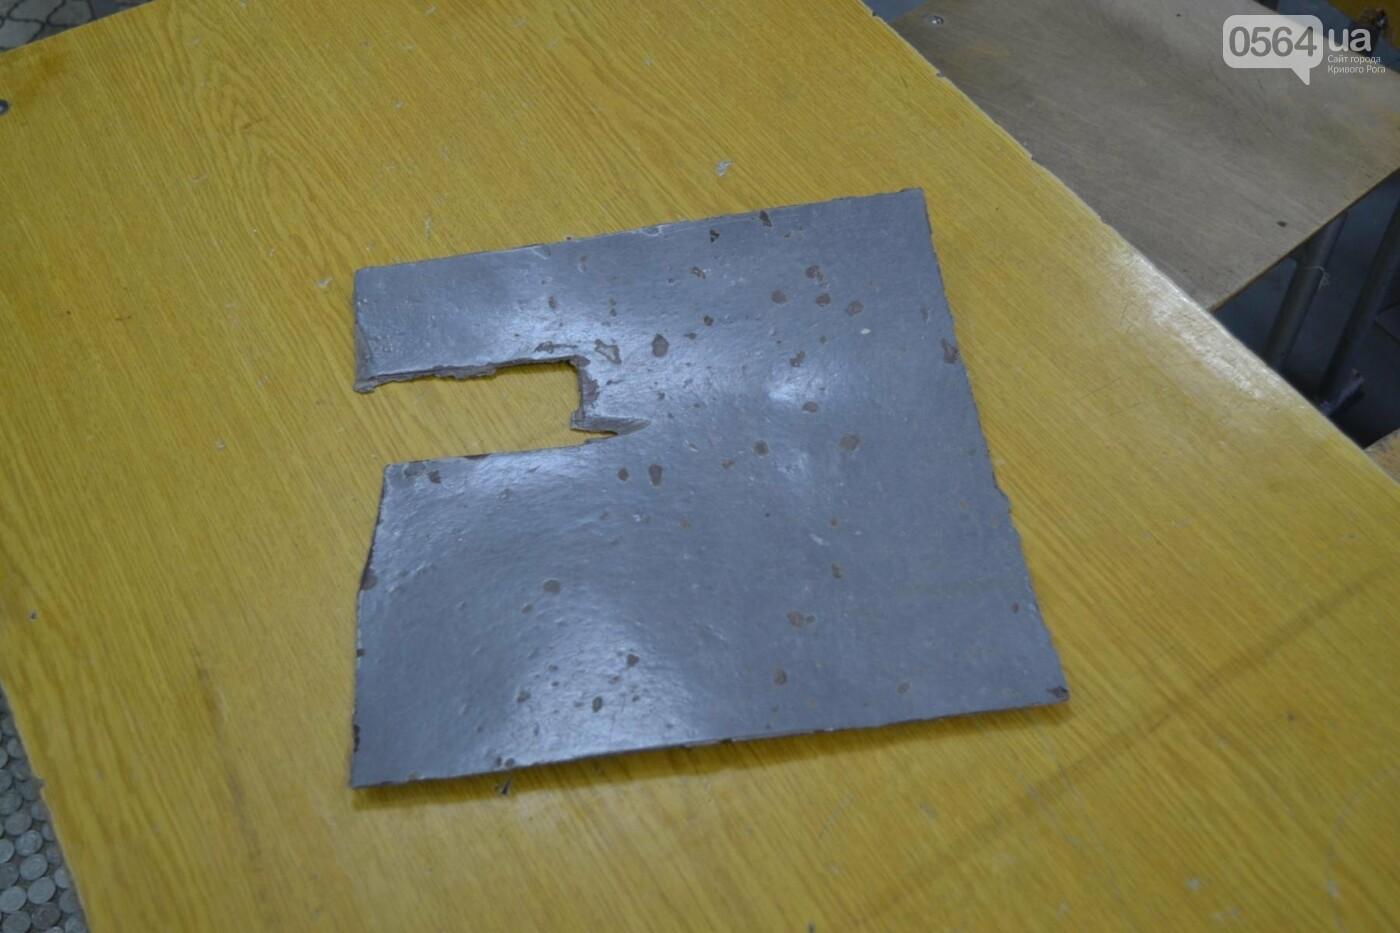 В школе Кривого Рога ремонтируют пол 5-копеечными монетами, - ФОТО, фото-9